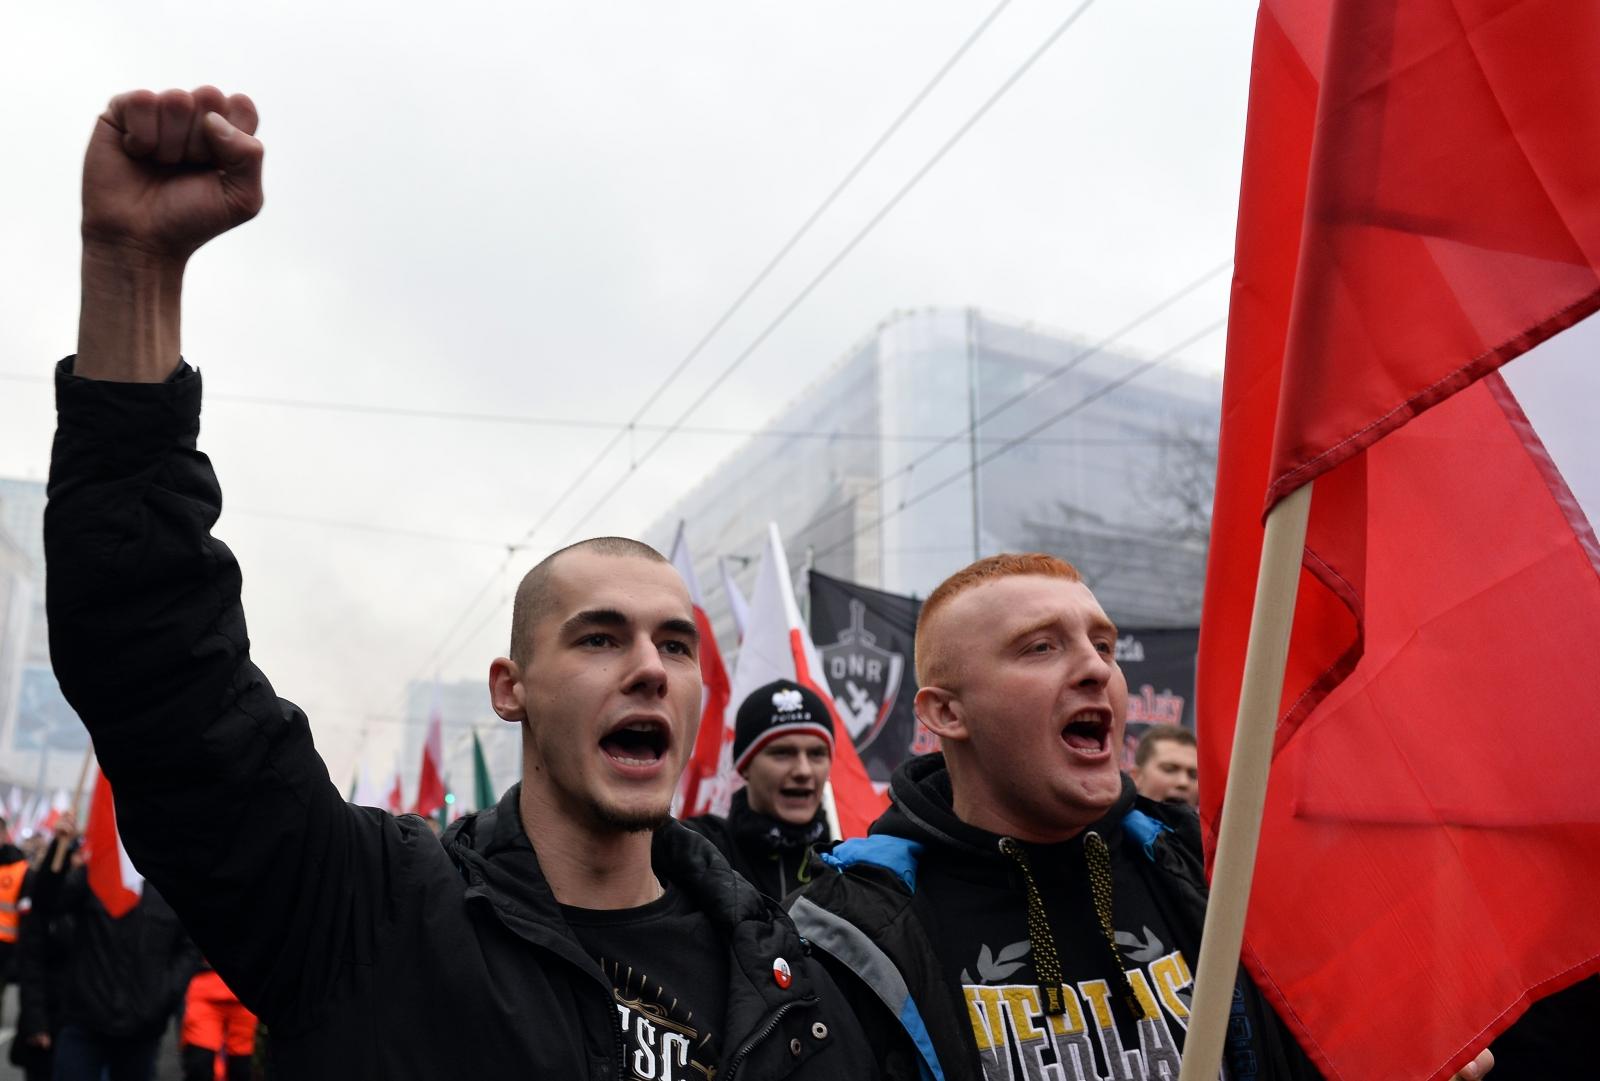 Poland's far-right